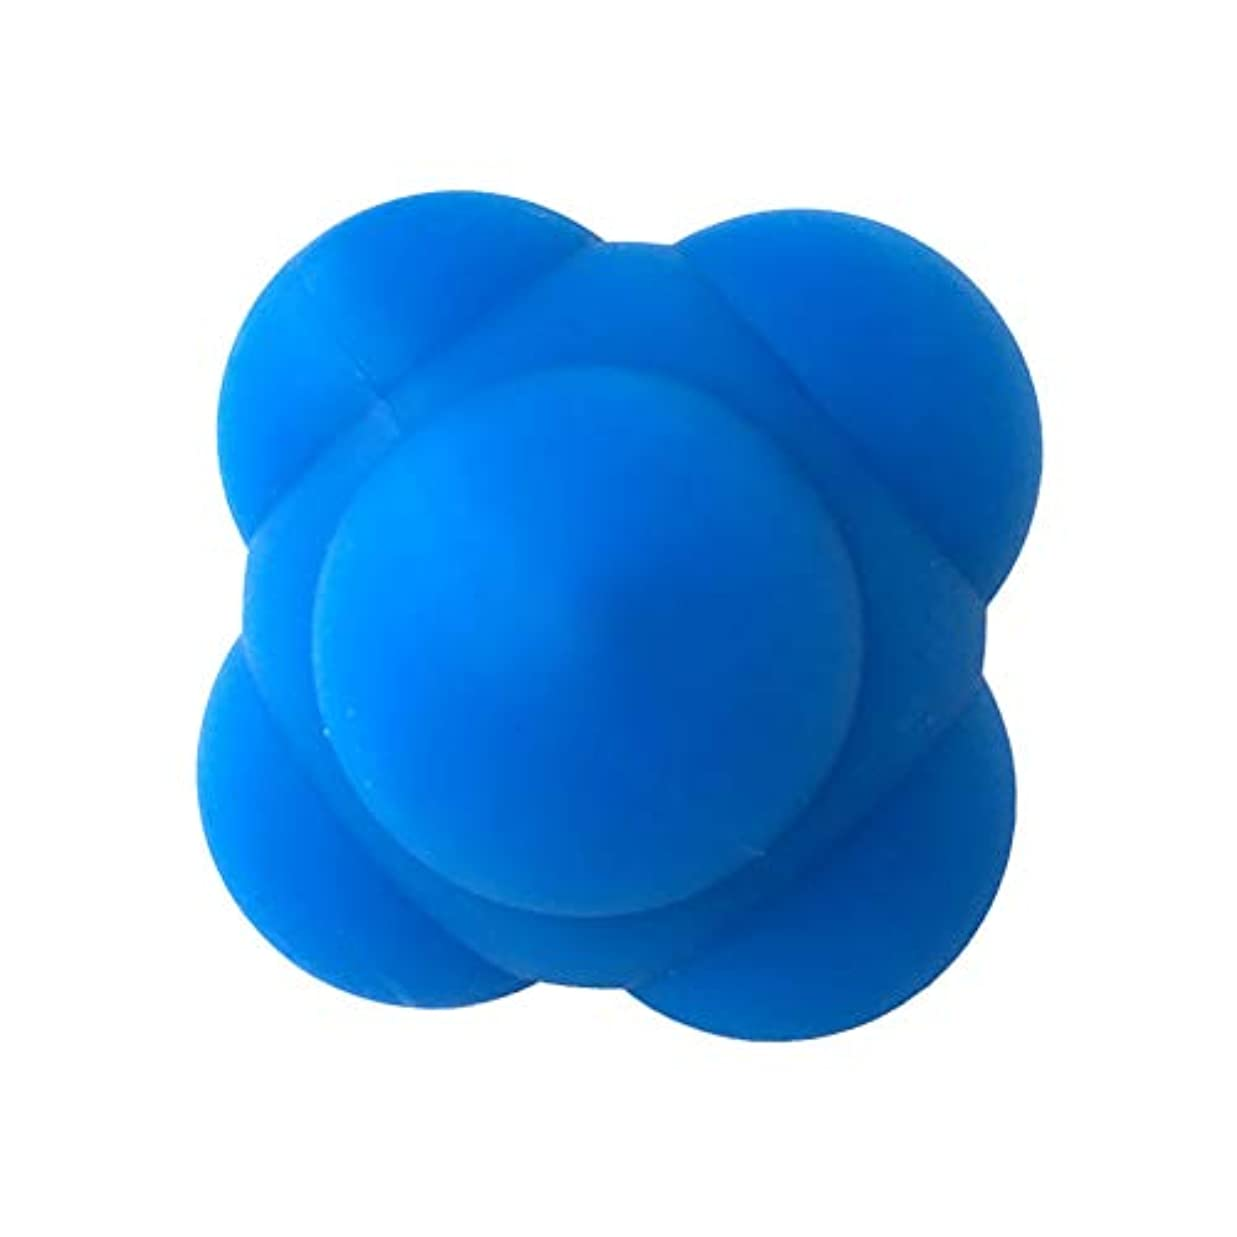 眉田舎者正統派Healifty シリコントレーニングボールフィットネスリアクションエクササイズボール速さと敏捷性トレーニングボール(青/ 6cm)